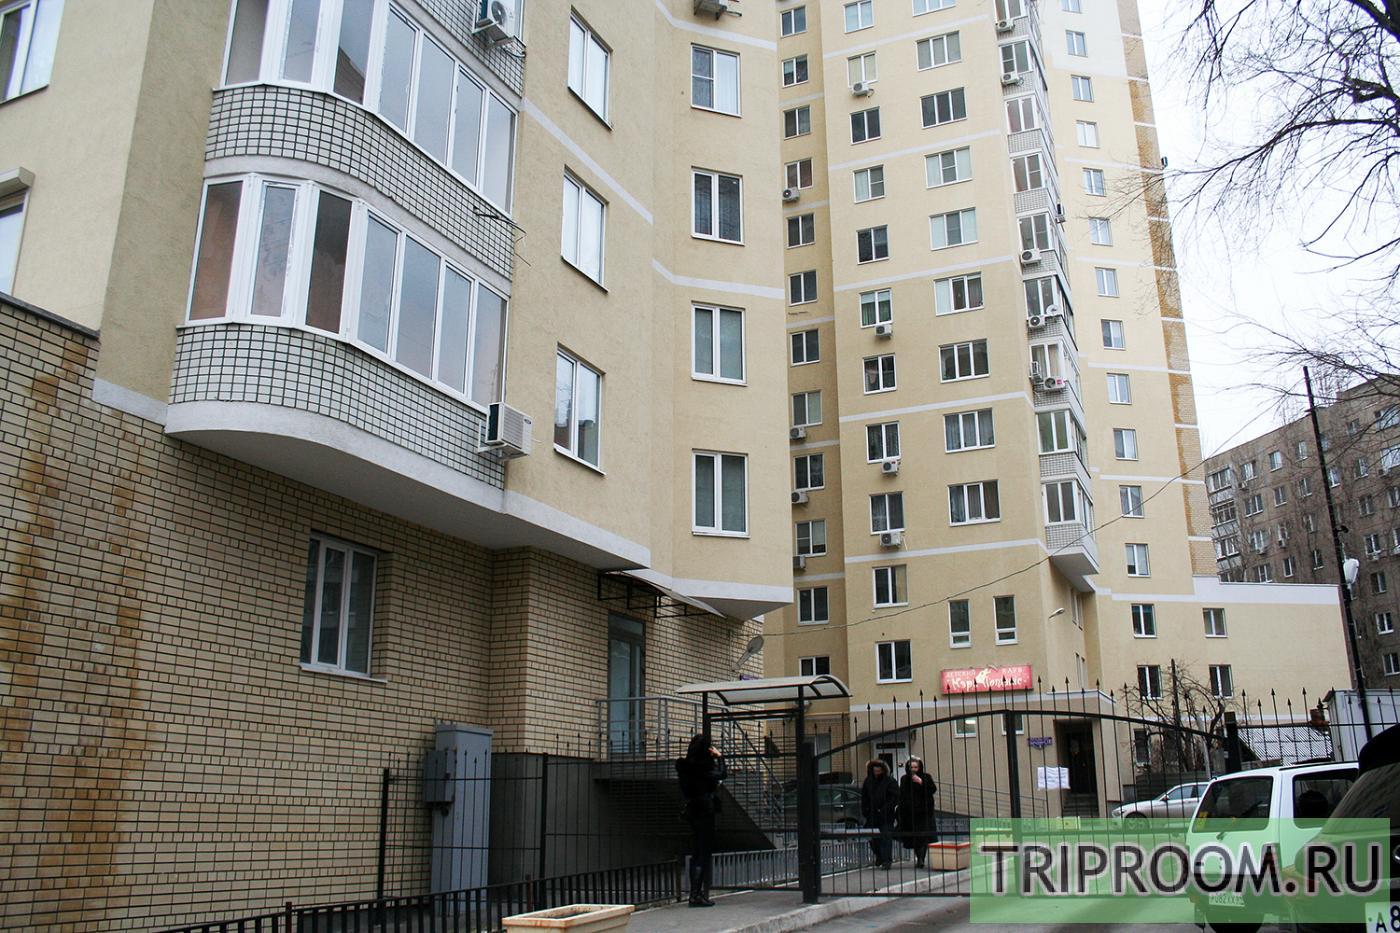 1-комнатная квартира посуточно (вариант № 6243), ул. Вольский переулок, фото № 2